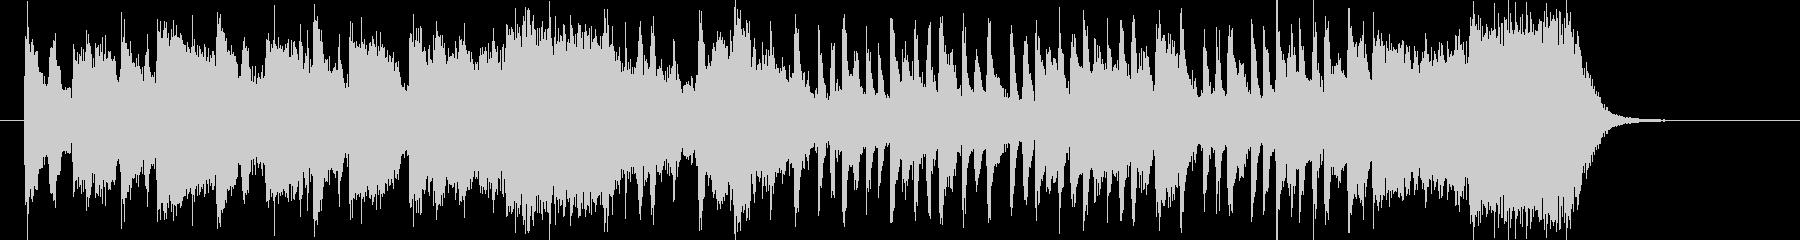 明るく元気でアップテンポで広がりのある曲の未再生の波形